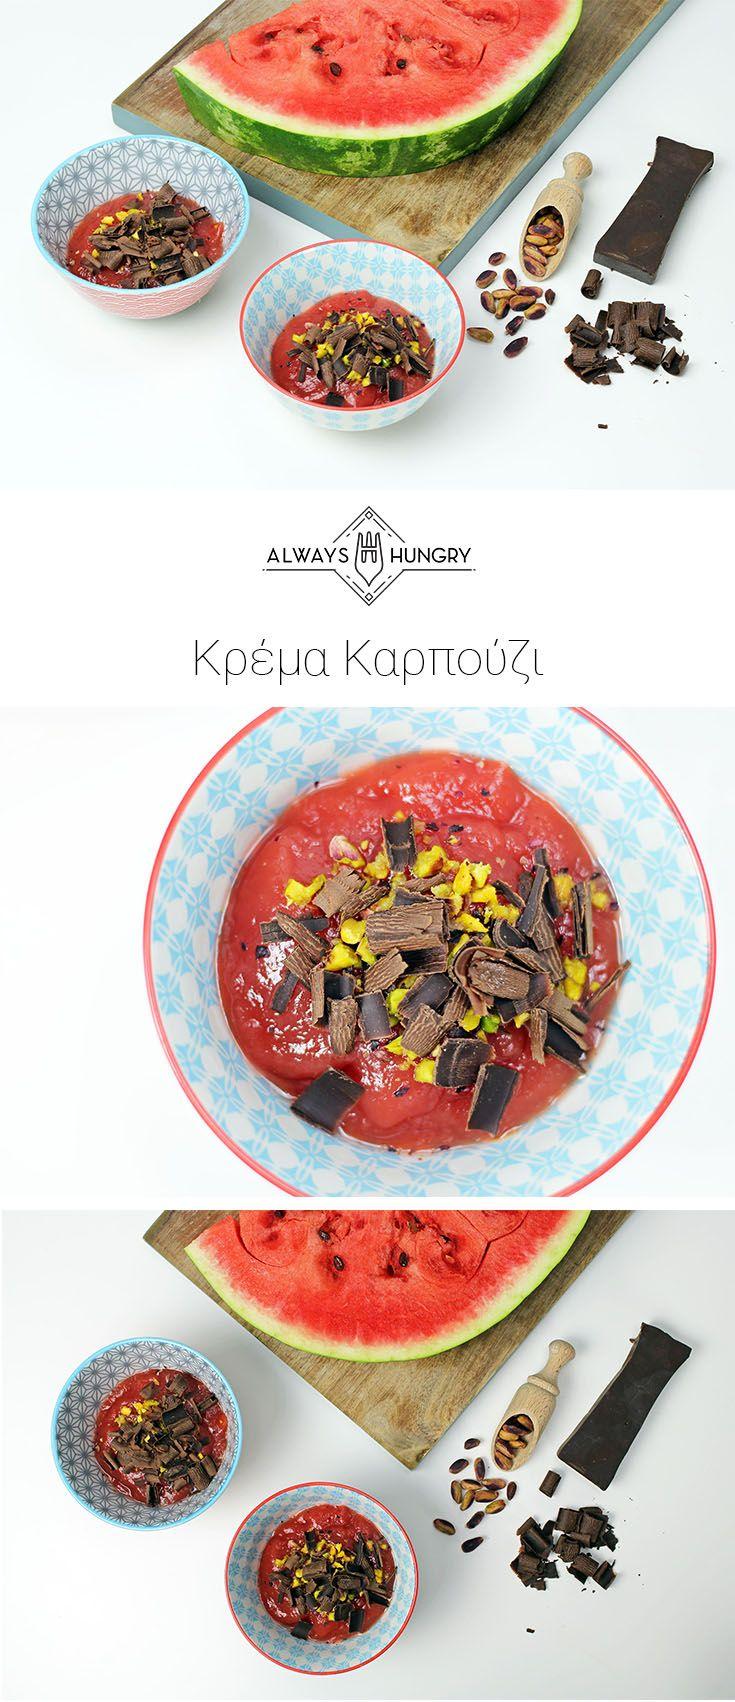 Κρέμα Καρπούζι | Συνταγή